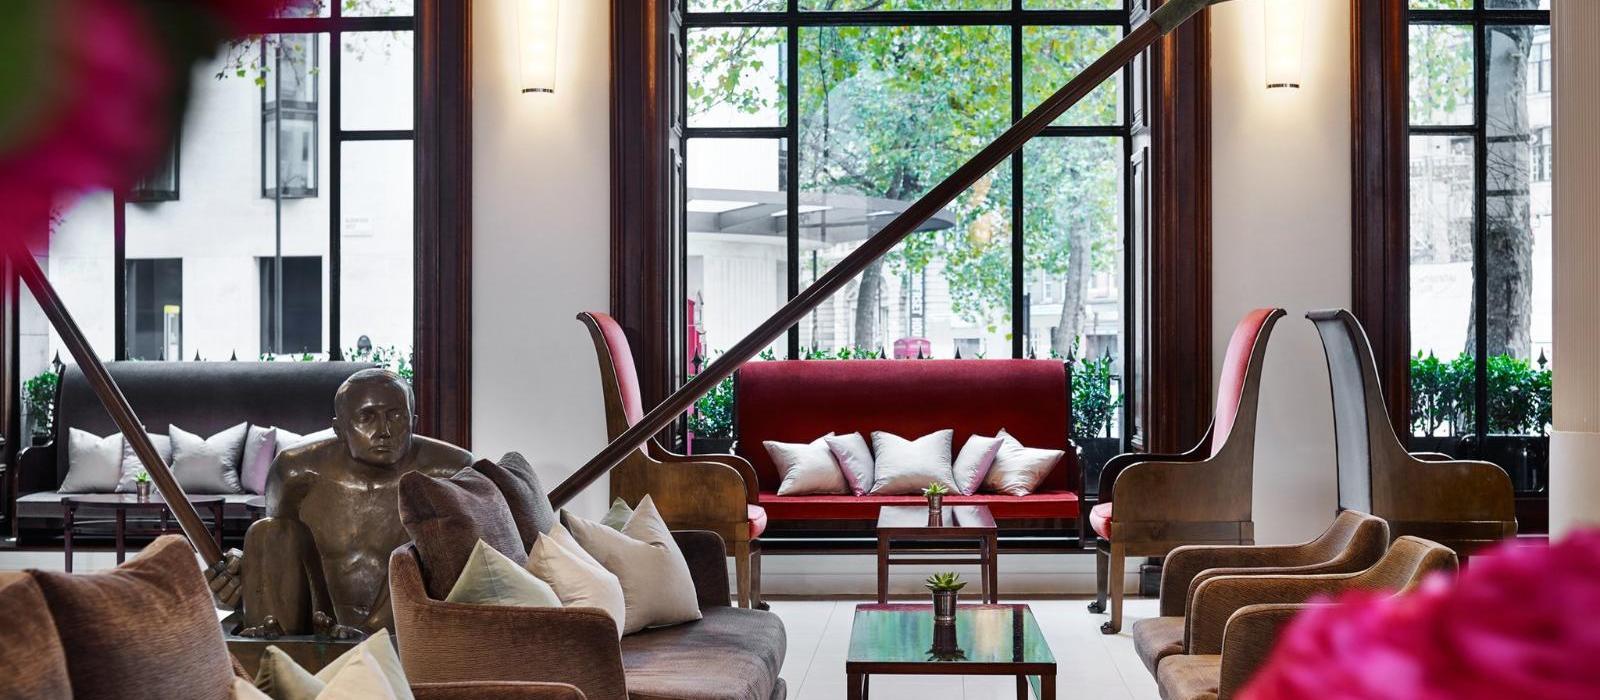 奥德维奇一号酒店(One Aldwych) 大堂图片  www.lhw.cn